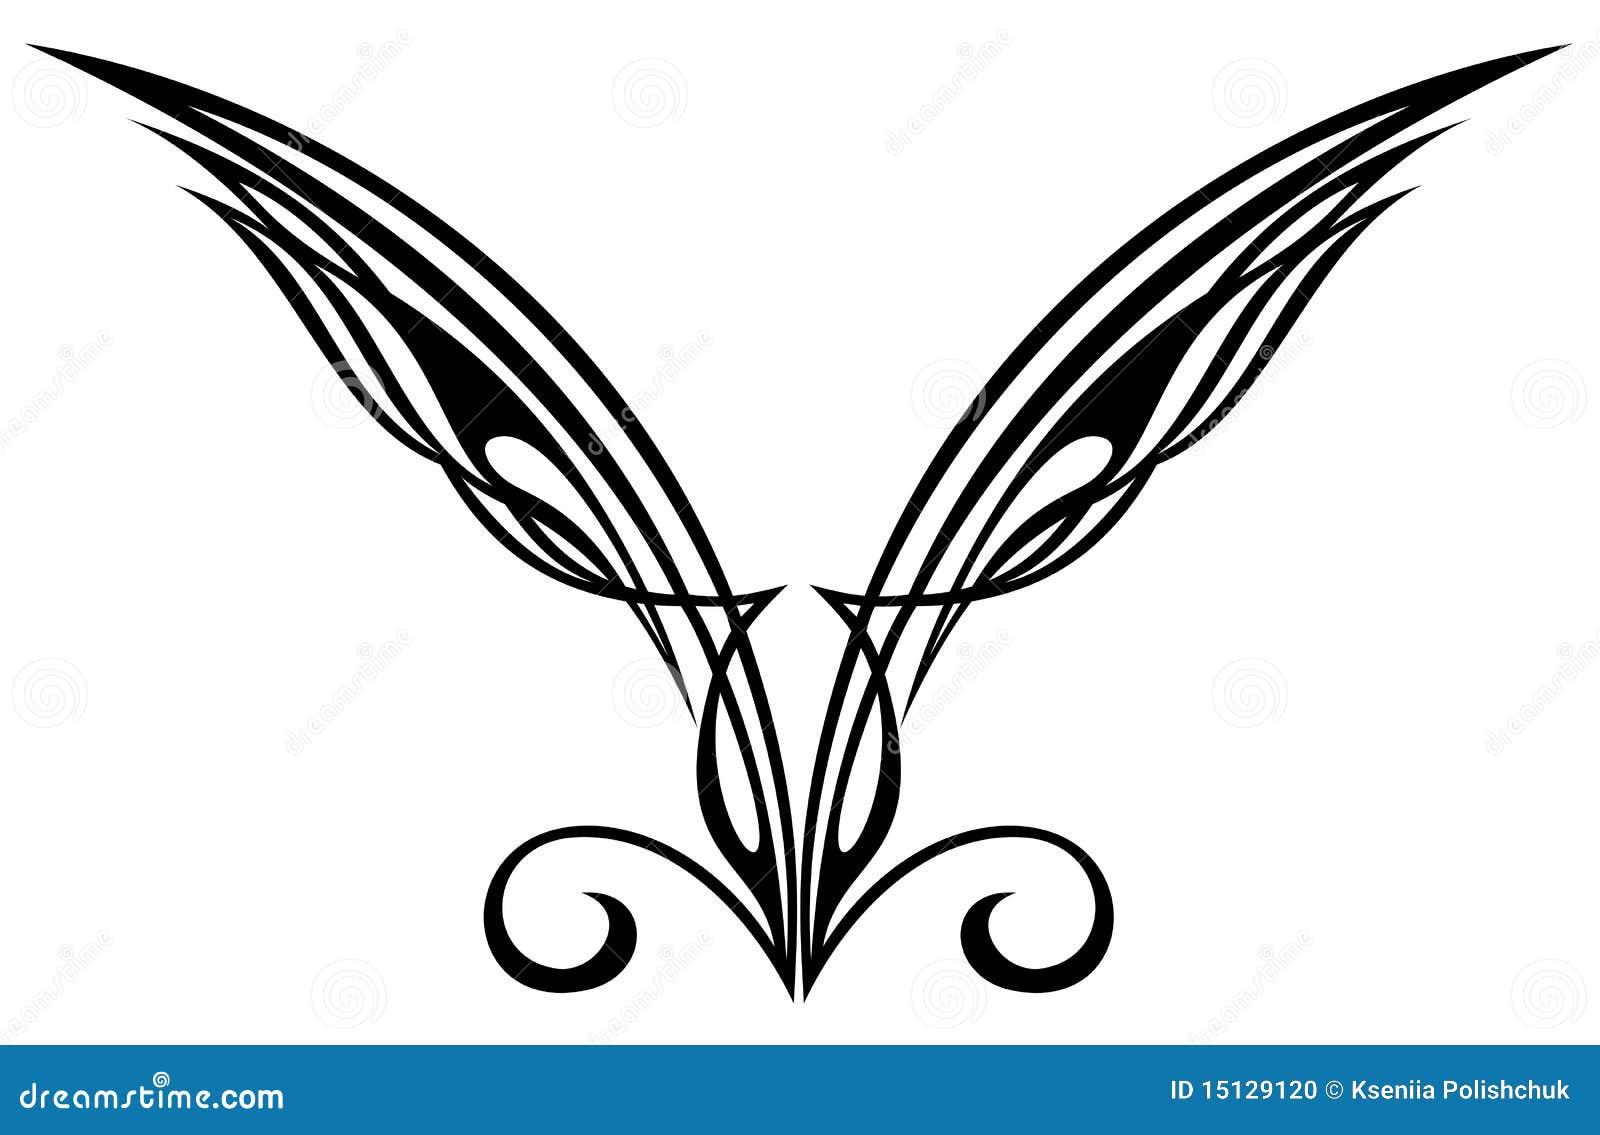 Elementi Di Disegno Del Tatuaggio Ali Illustrazione Vettoriale